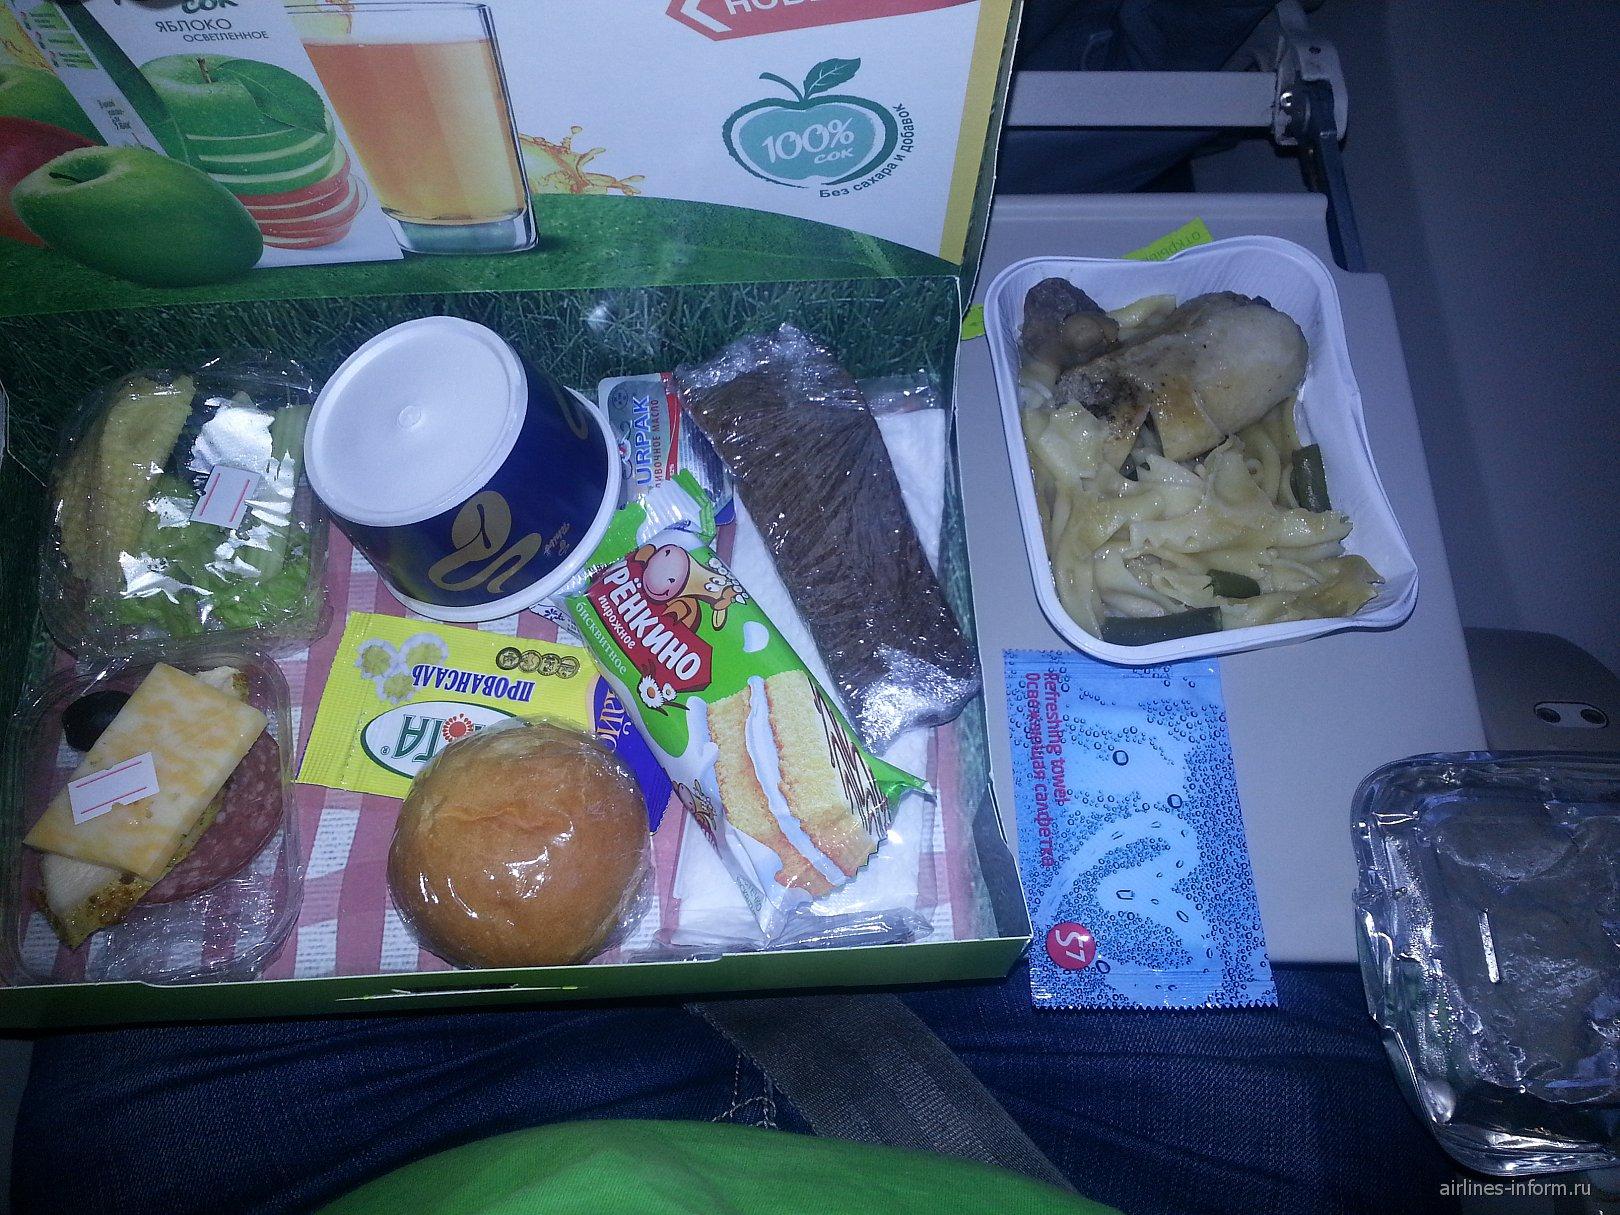 Питание на рейсе S7 Airlines Красноярск-Москва